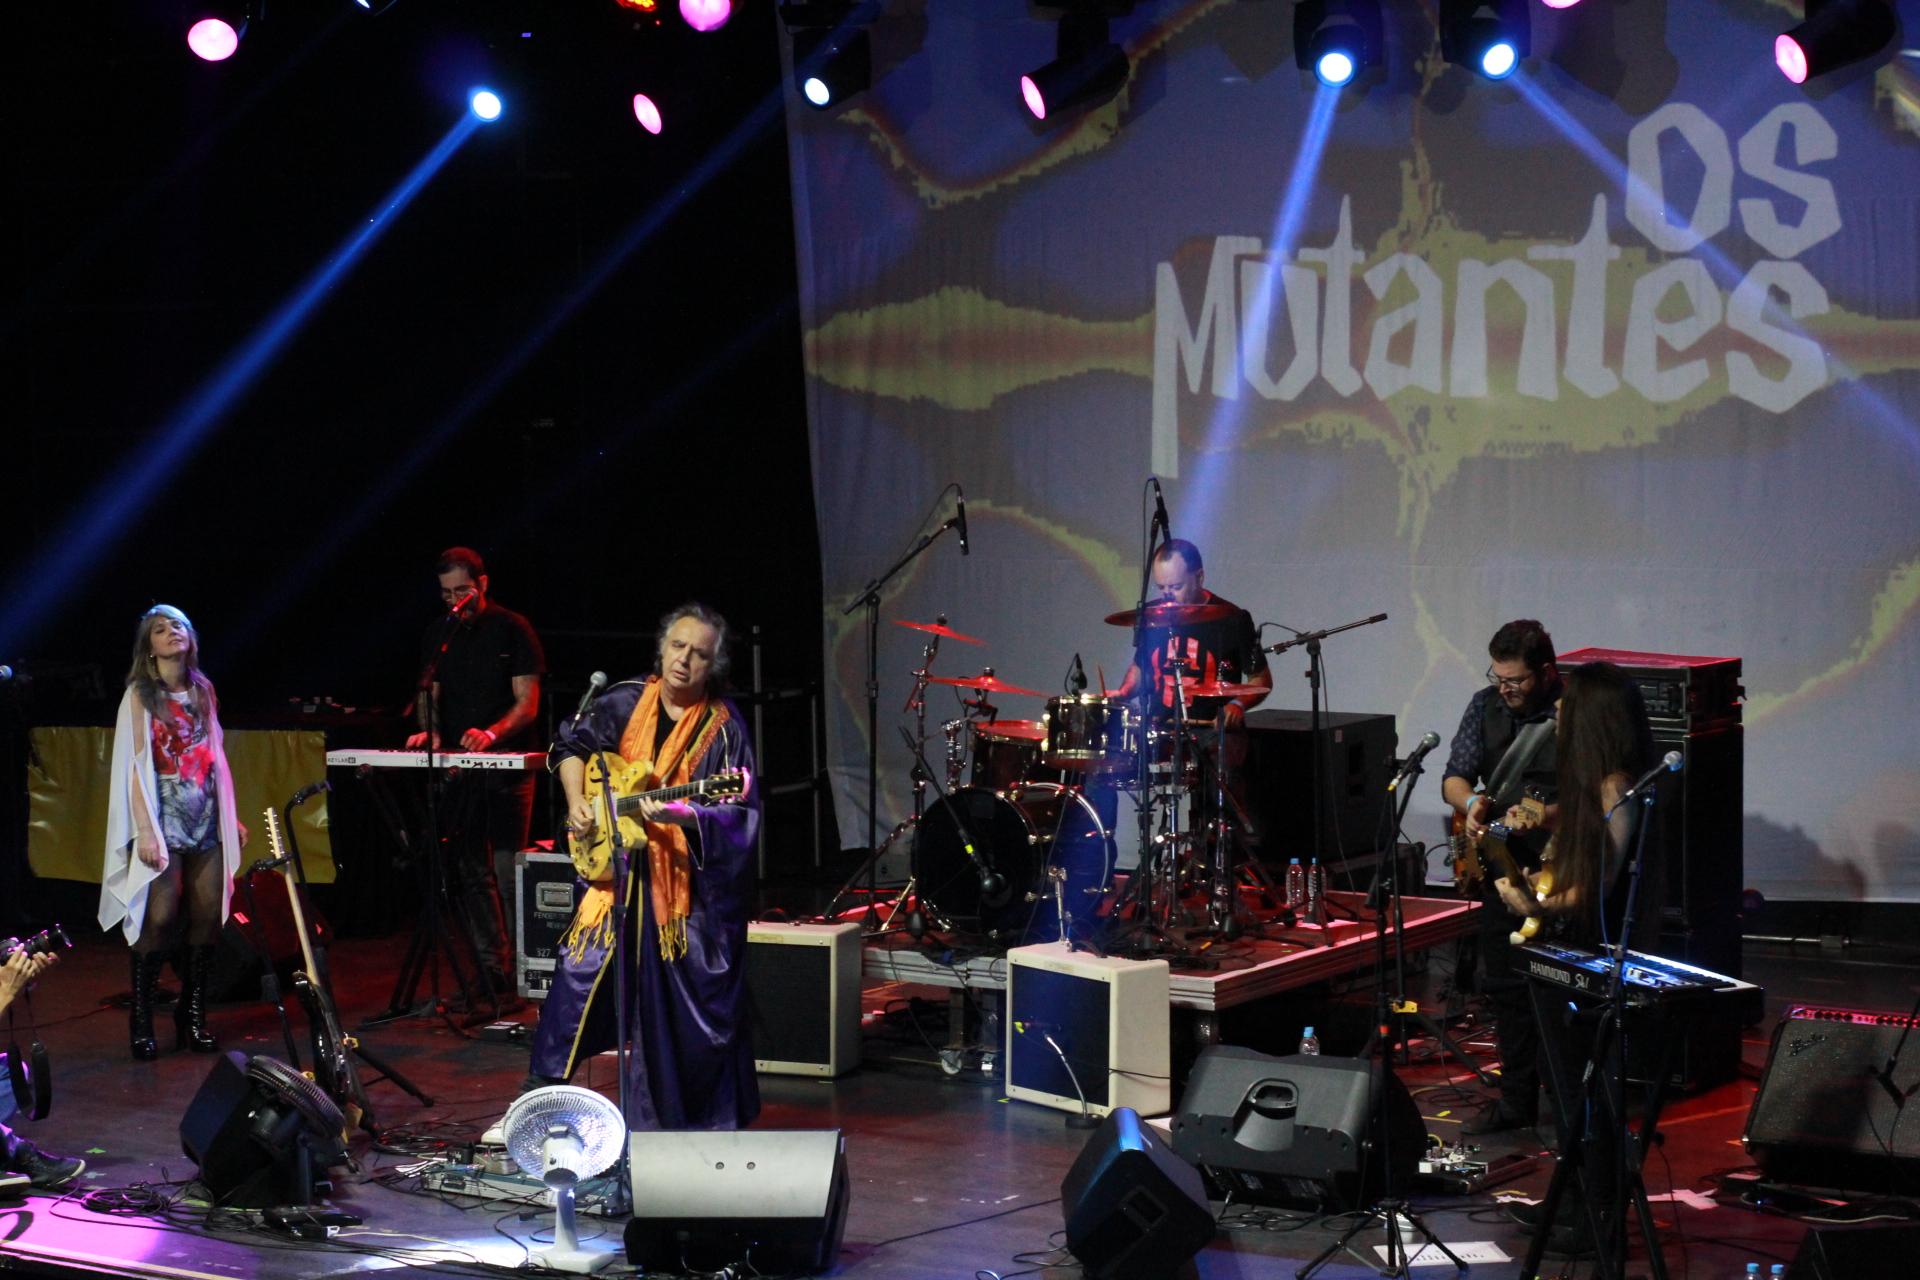 3OMF mesclou juventude e experiência no Tropical Butantã, em festival psicodélico